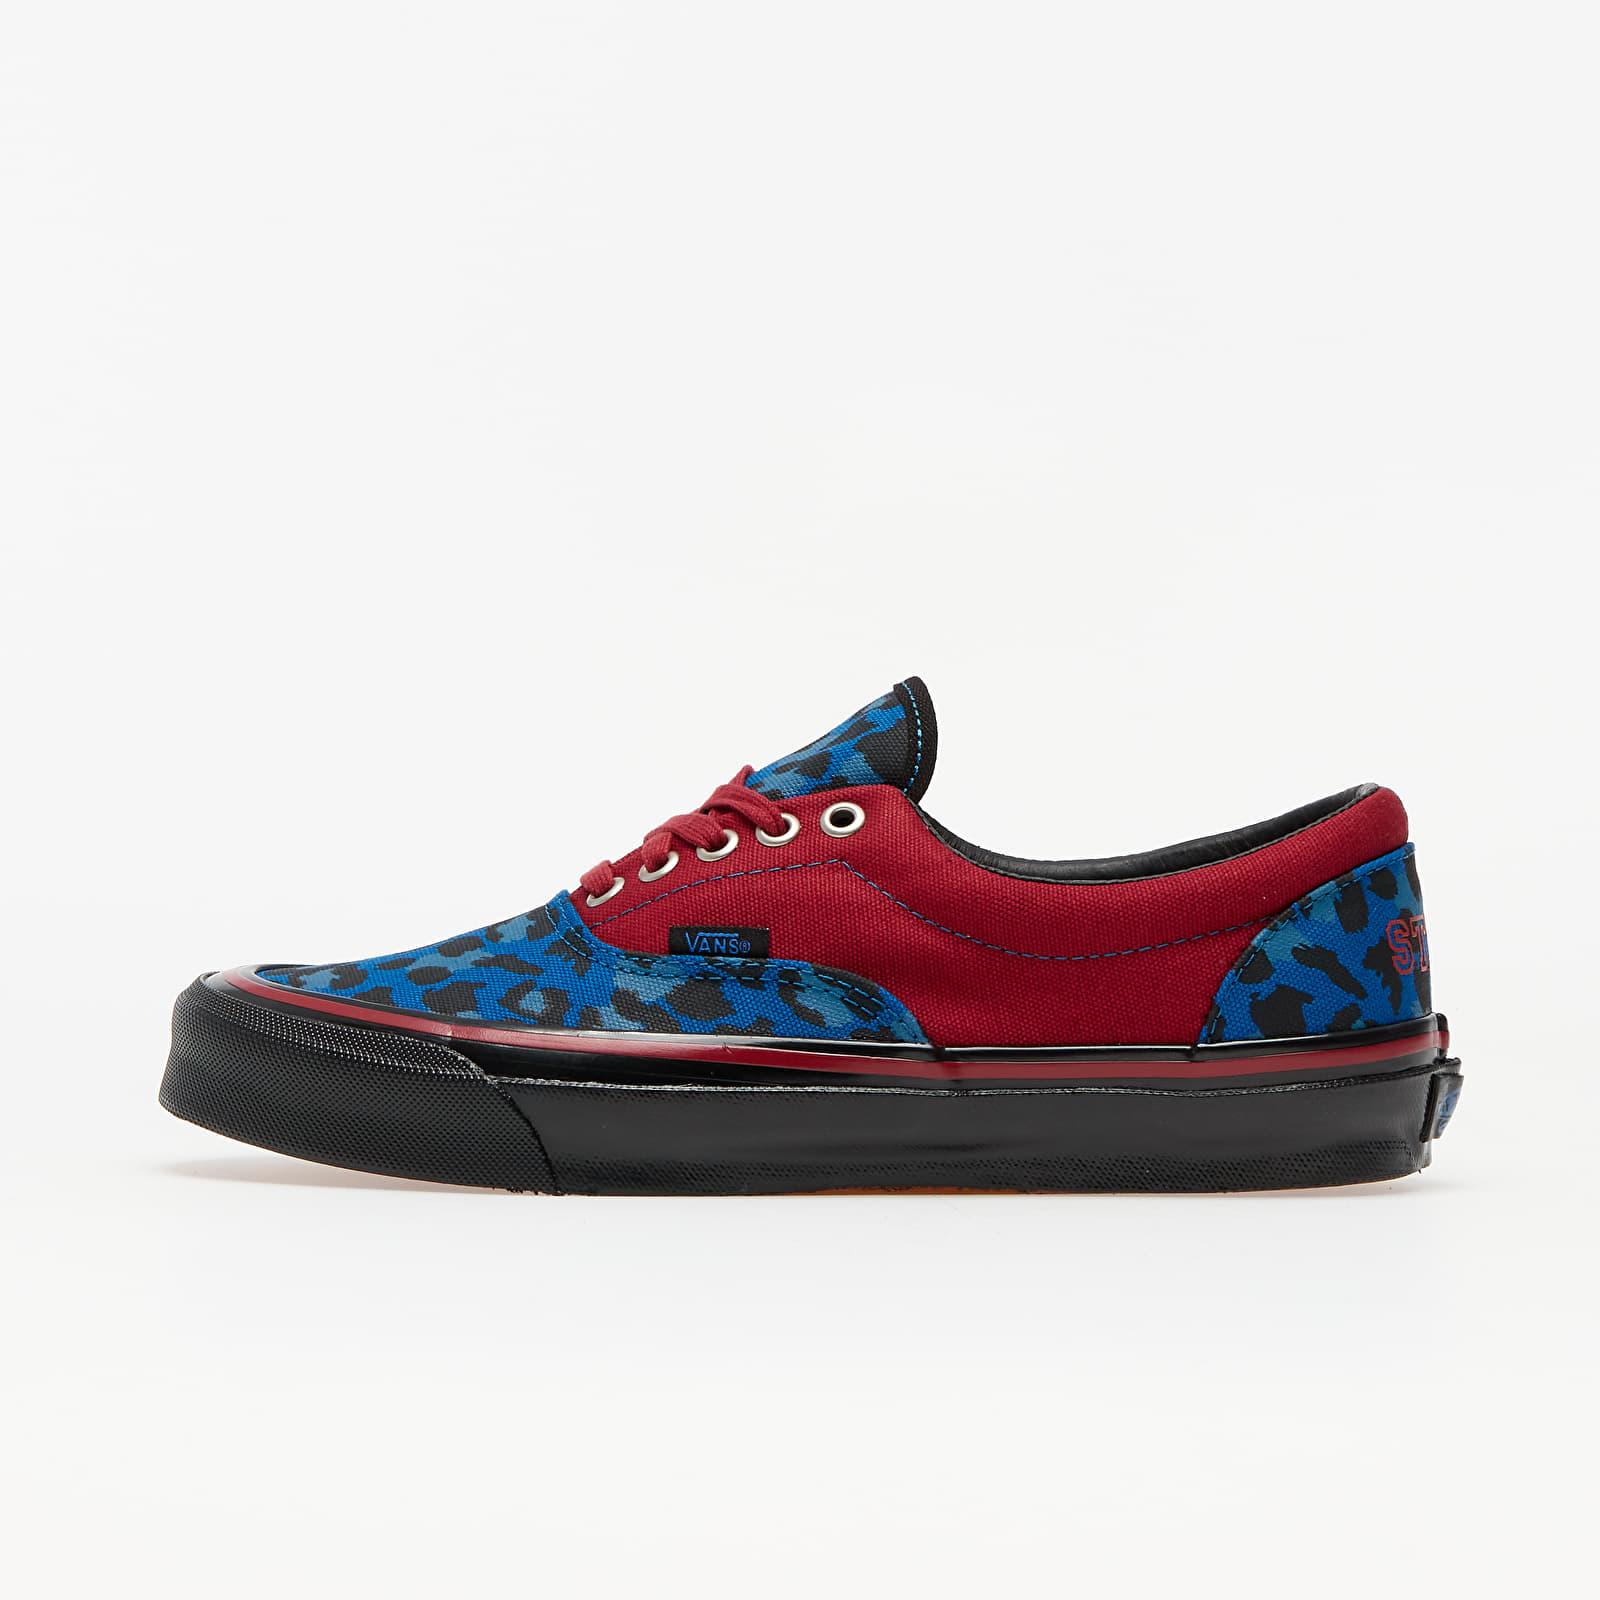 Pánské tenisky a boty Vans OG Era LX (Stray Rats) Red/ Blue